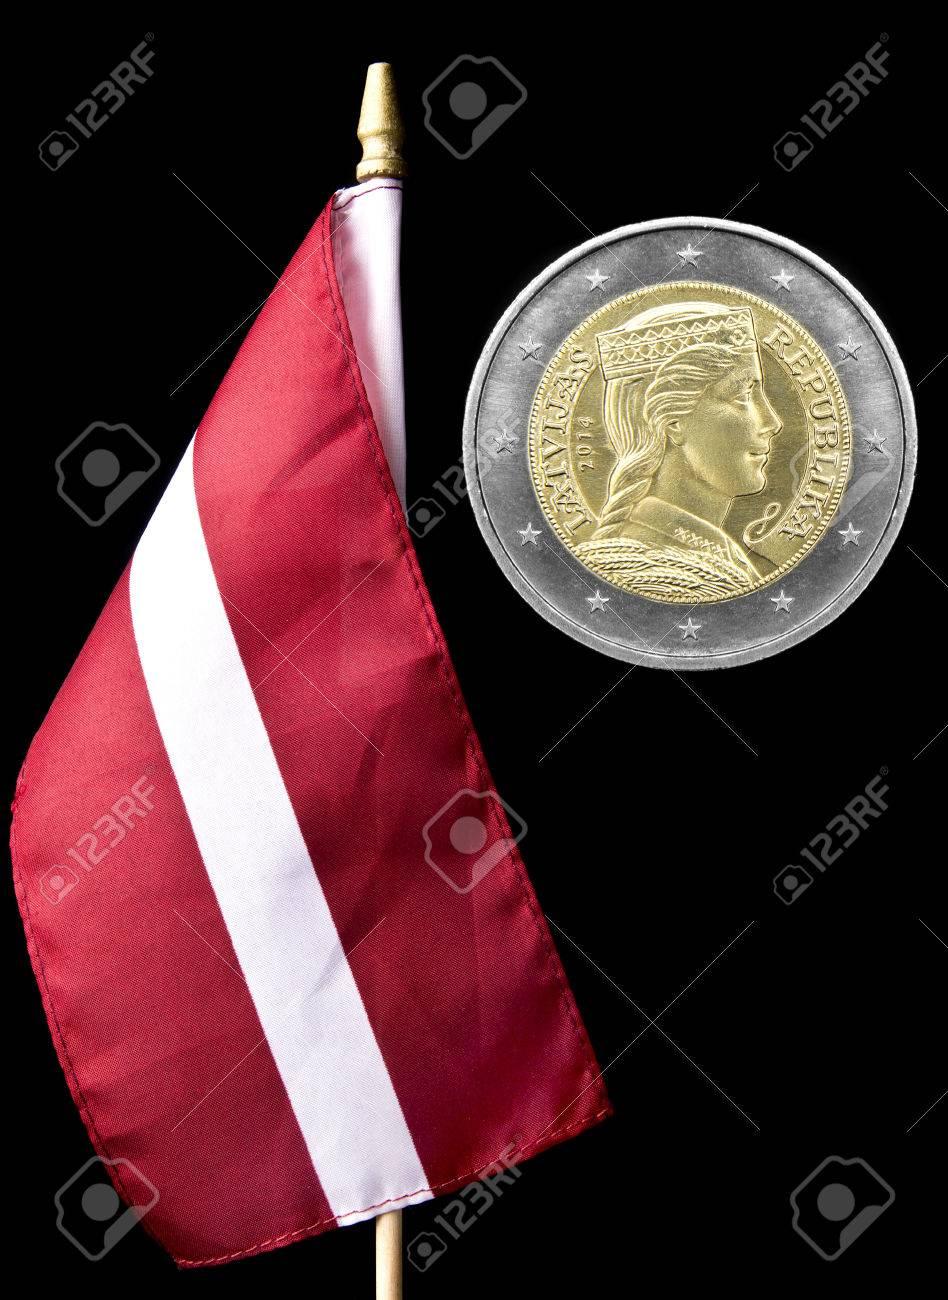 ラトビアとラトビア 2 ユーロ硬...